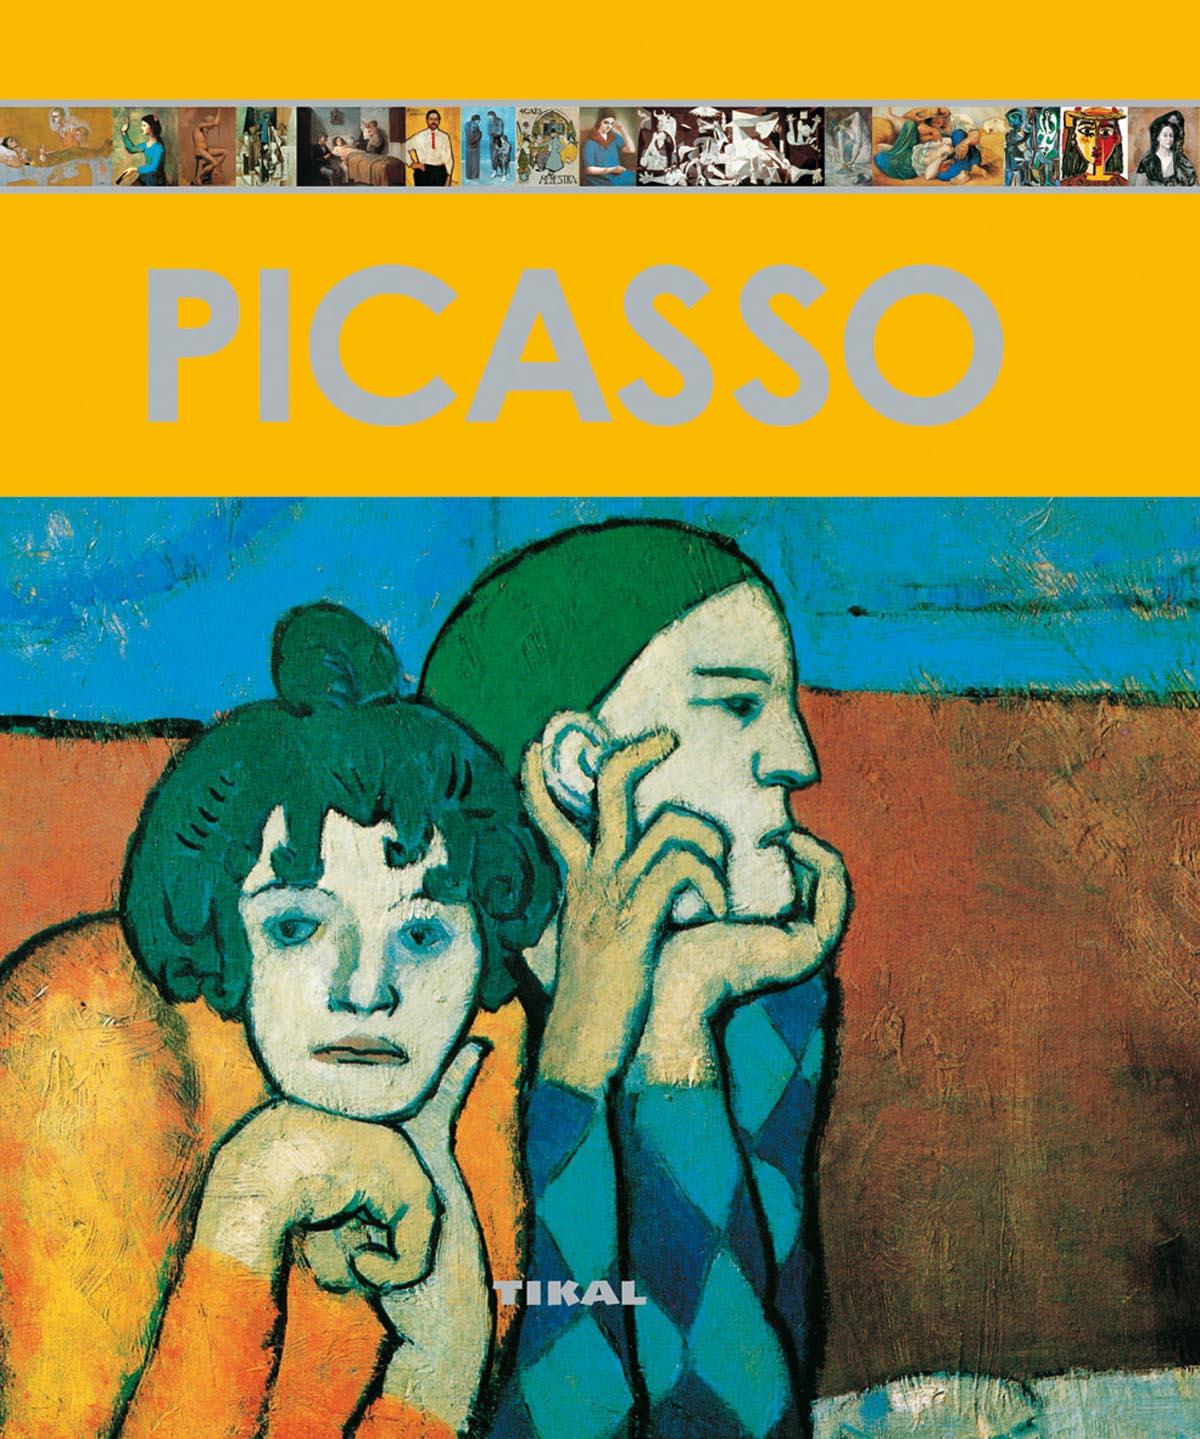 picasso-maria jose mas marques-9788499280264